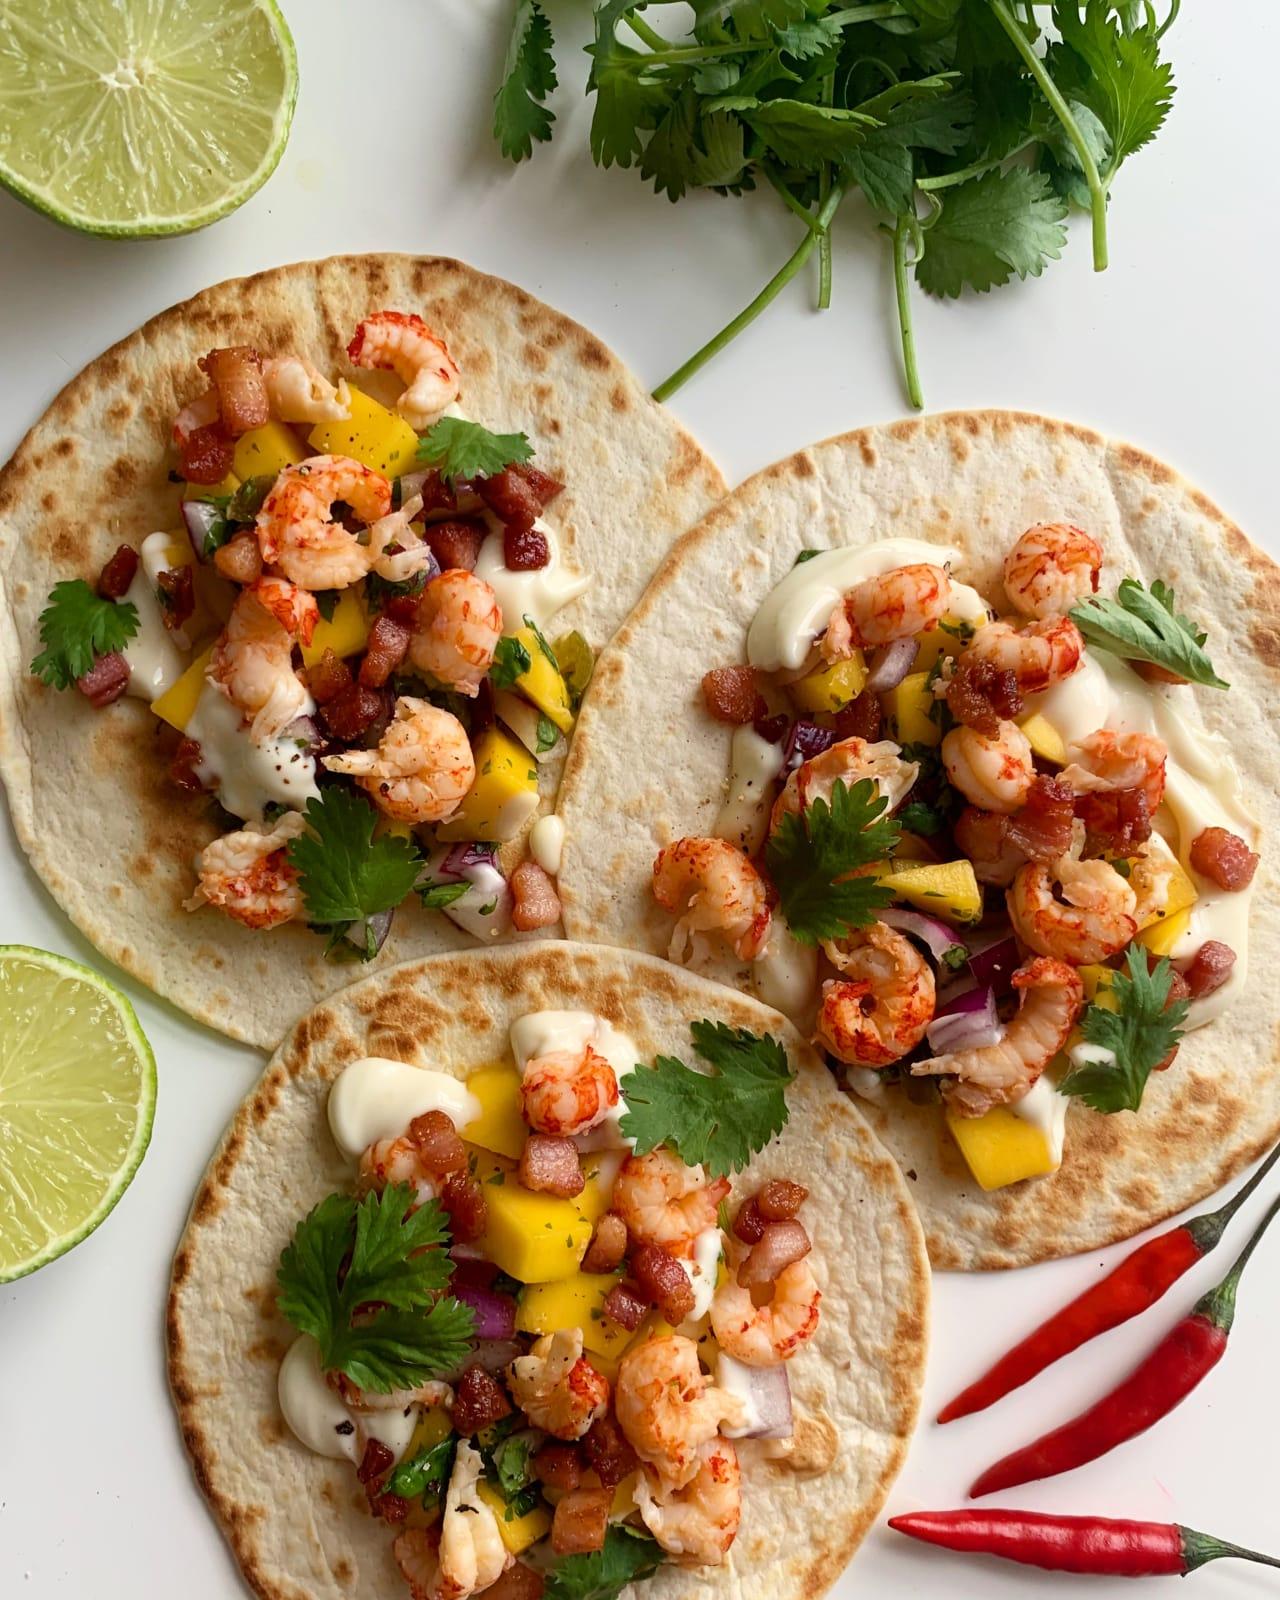 Crayfish & pancetta tacos with a mango salsa